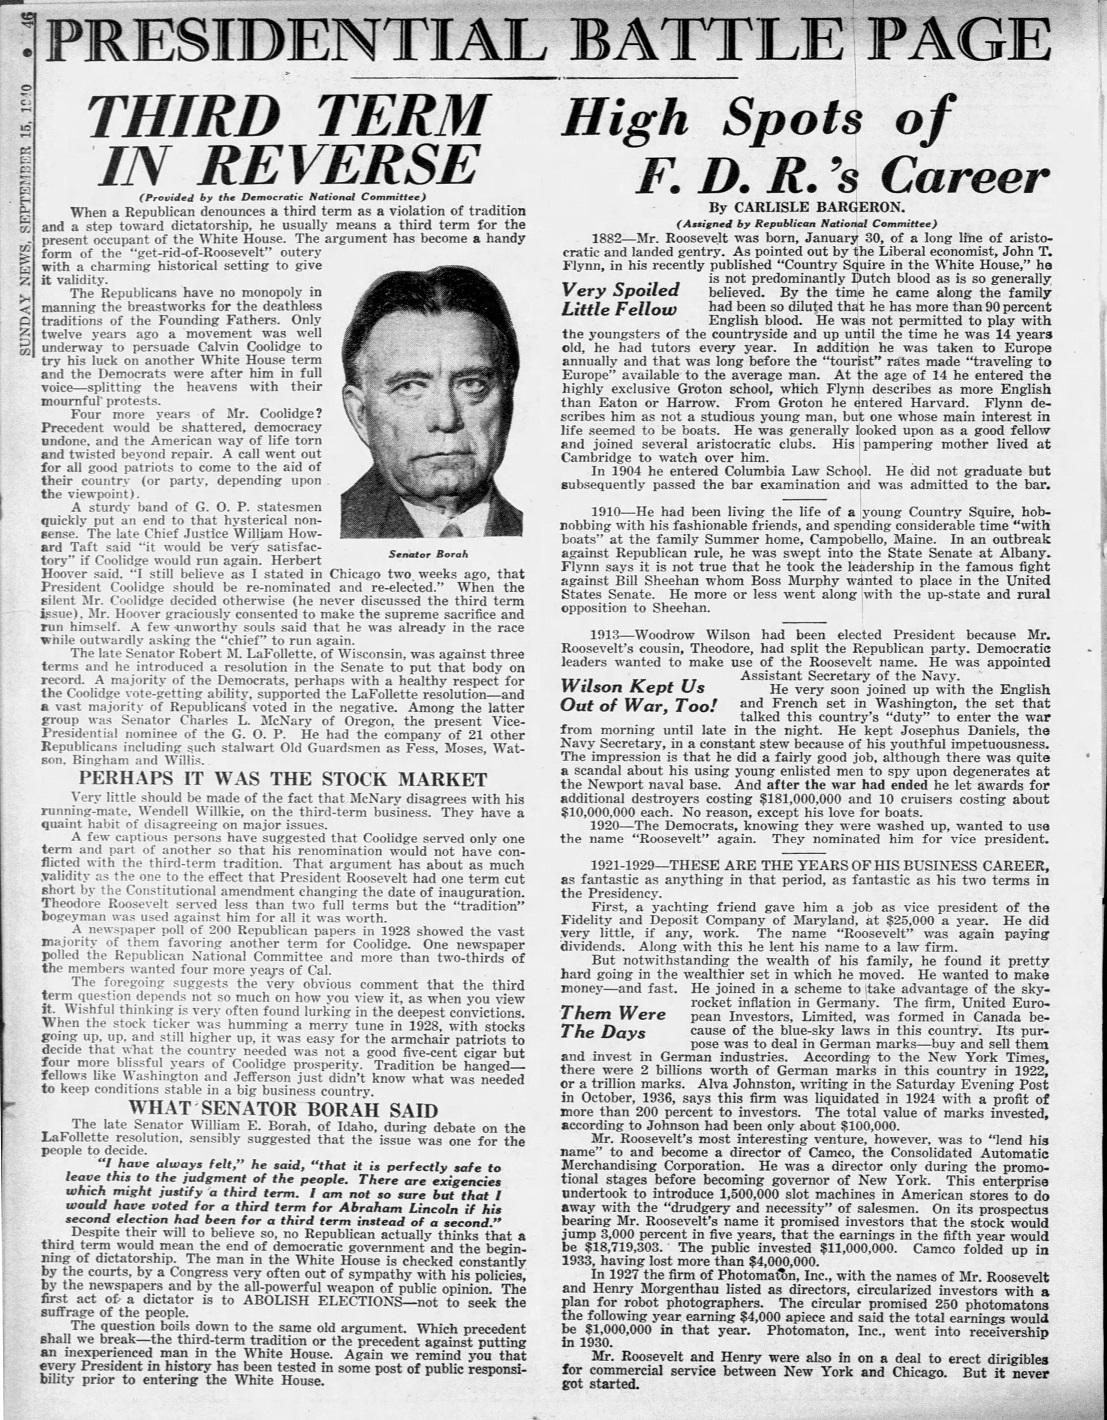 Daily_News_Sun__Sep_15__1940_(1).jpg